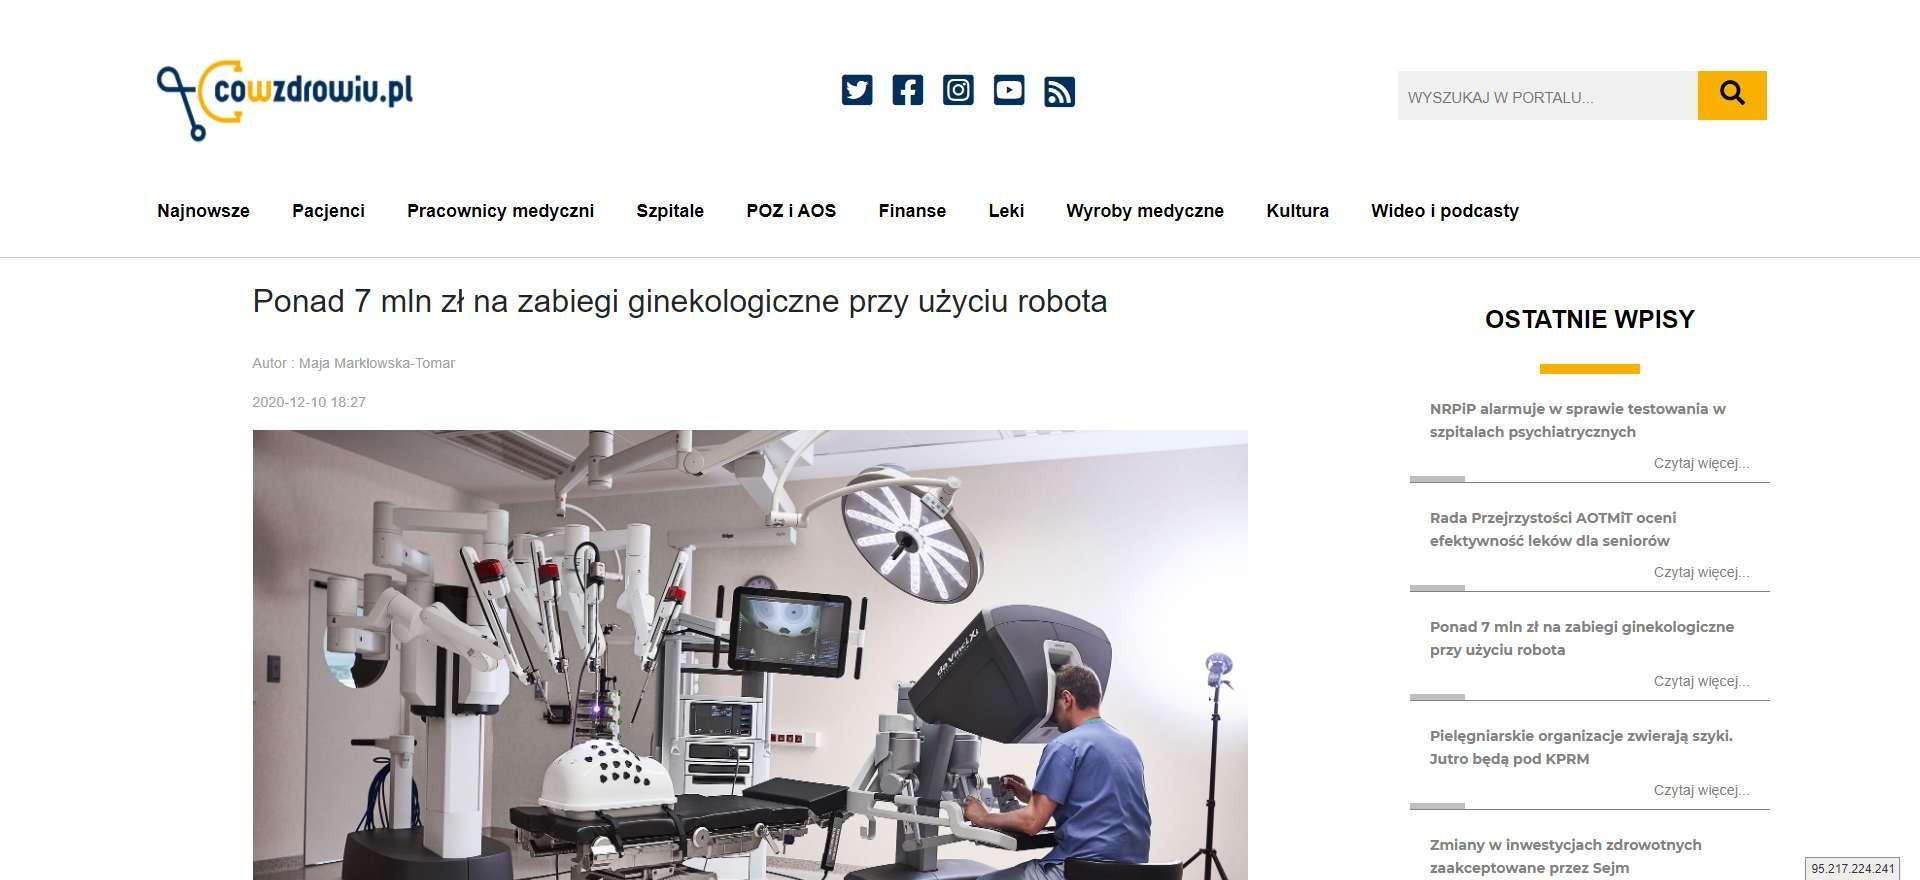 ponad mln zl na zabiegi ginekologiczne przy uzyciu robota